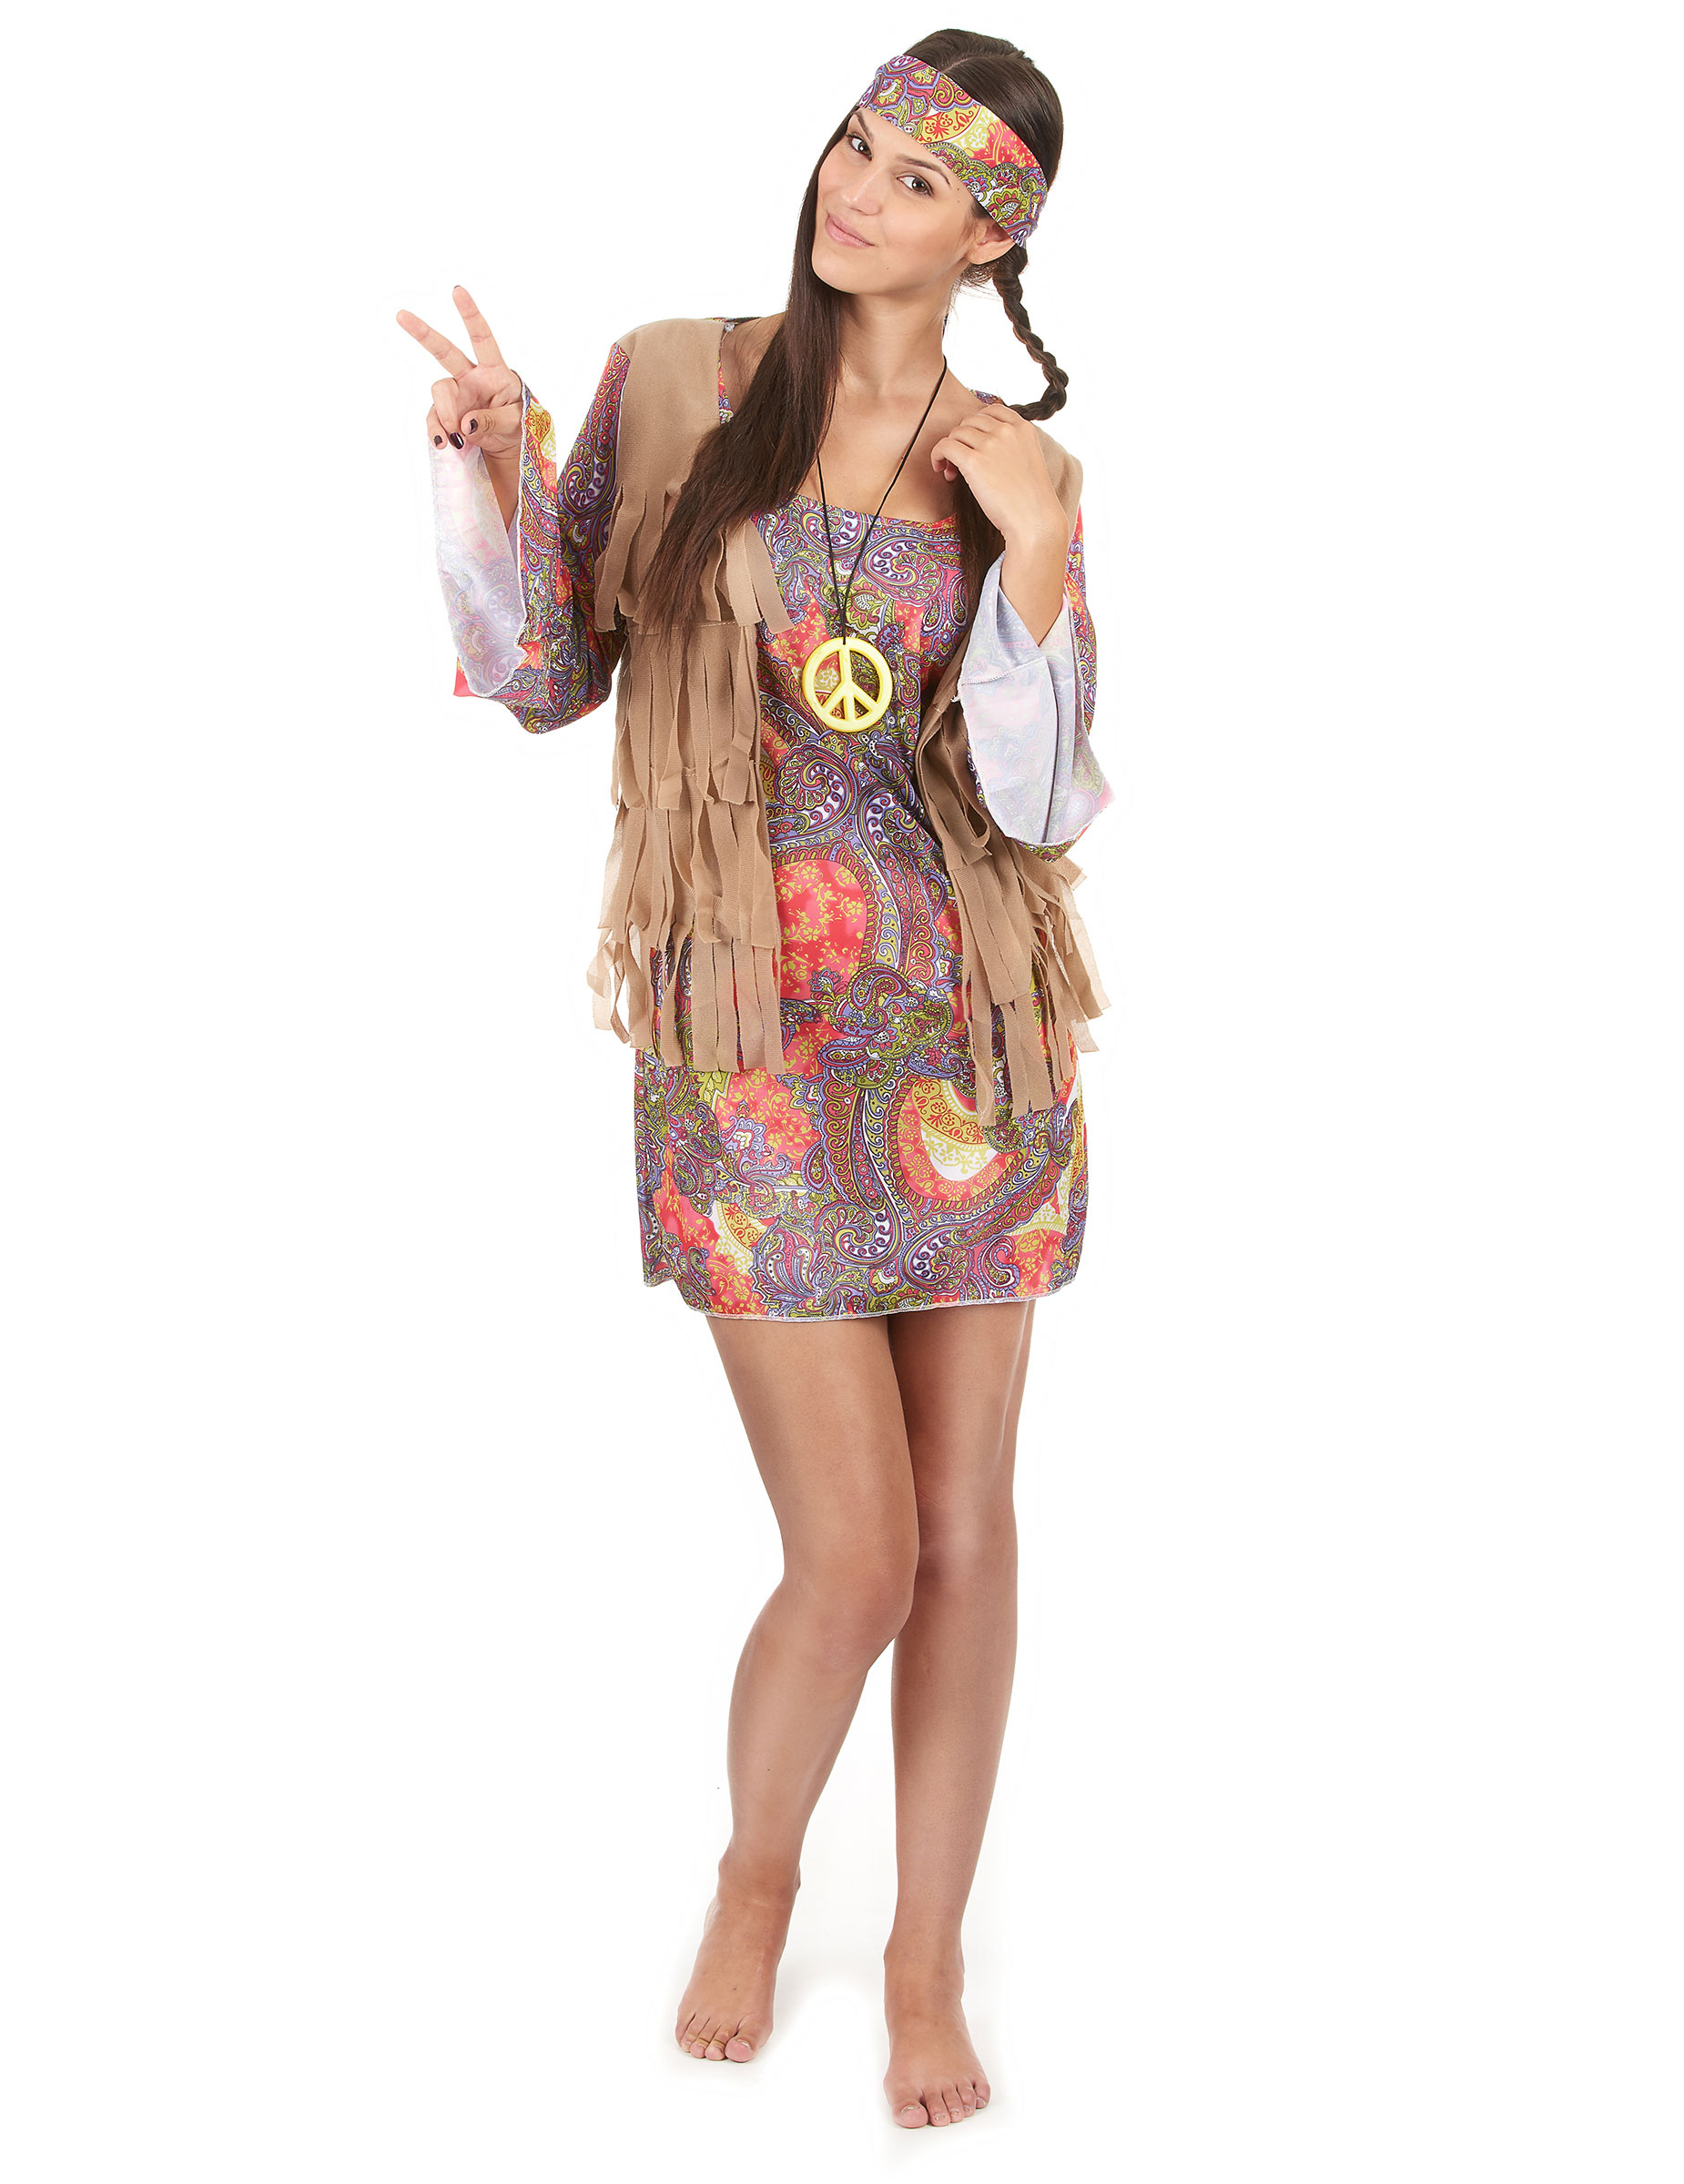 d guisement hippie femme d coration anniversaire et f tes th me sur vegaoo party. Black Bedroom Furniture Sets. Home Design Ideas